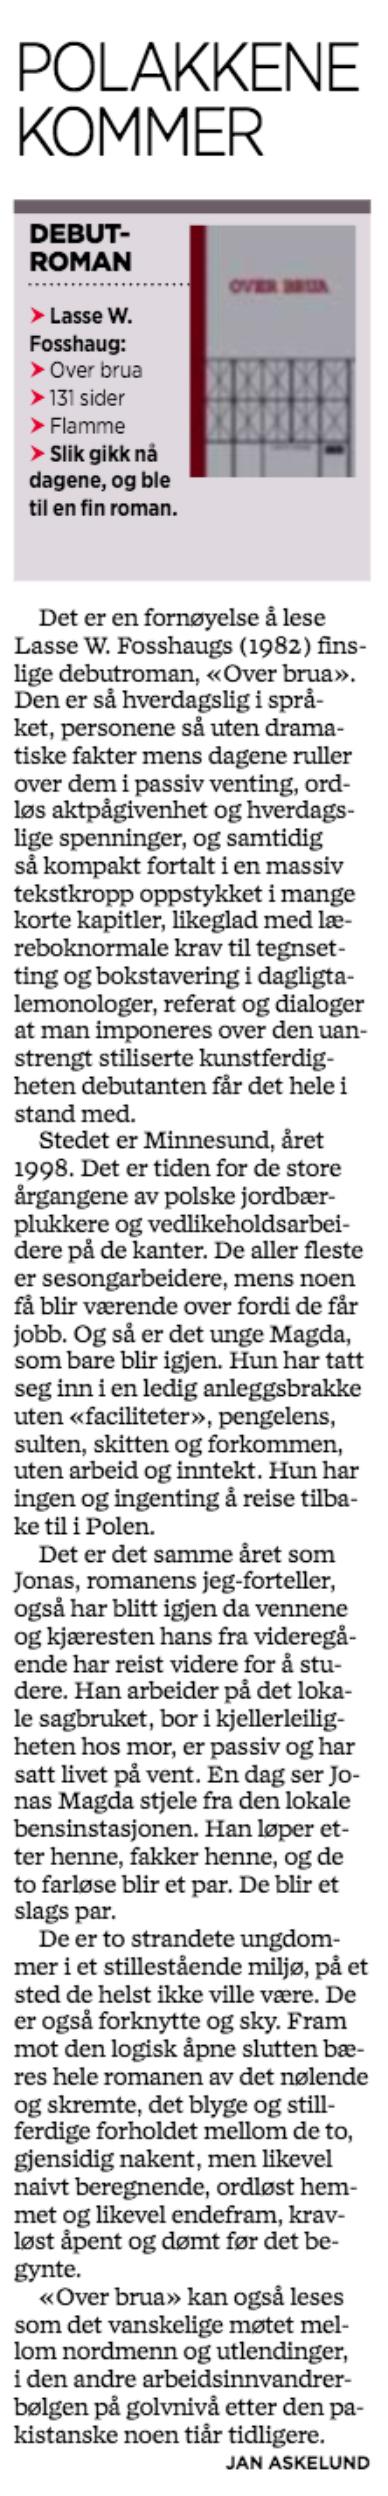 Faksimile Stavanger Aftenblad 23. juli 2013